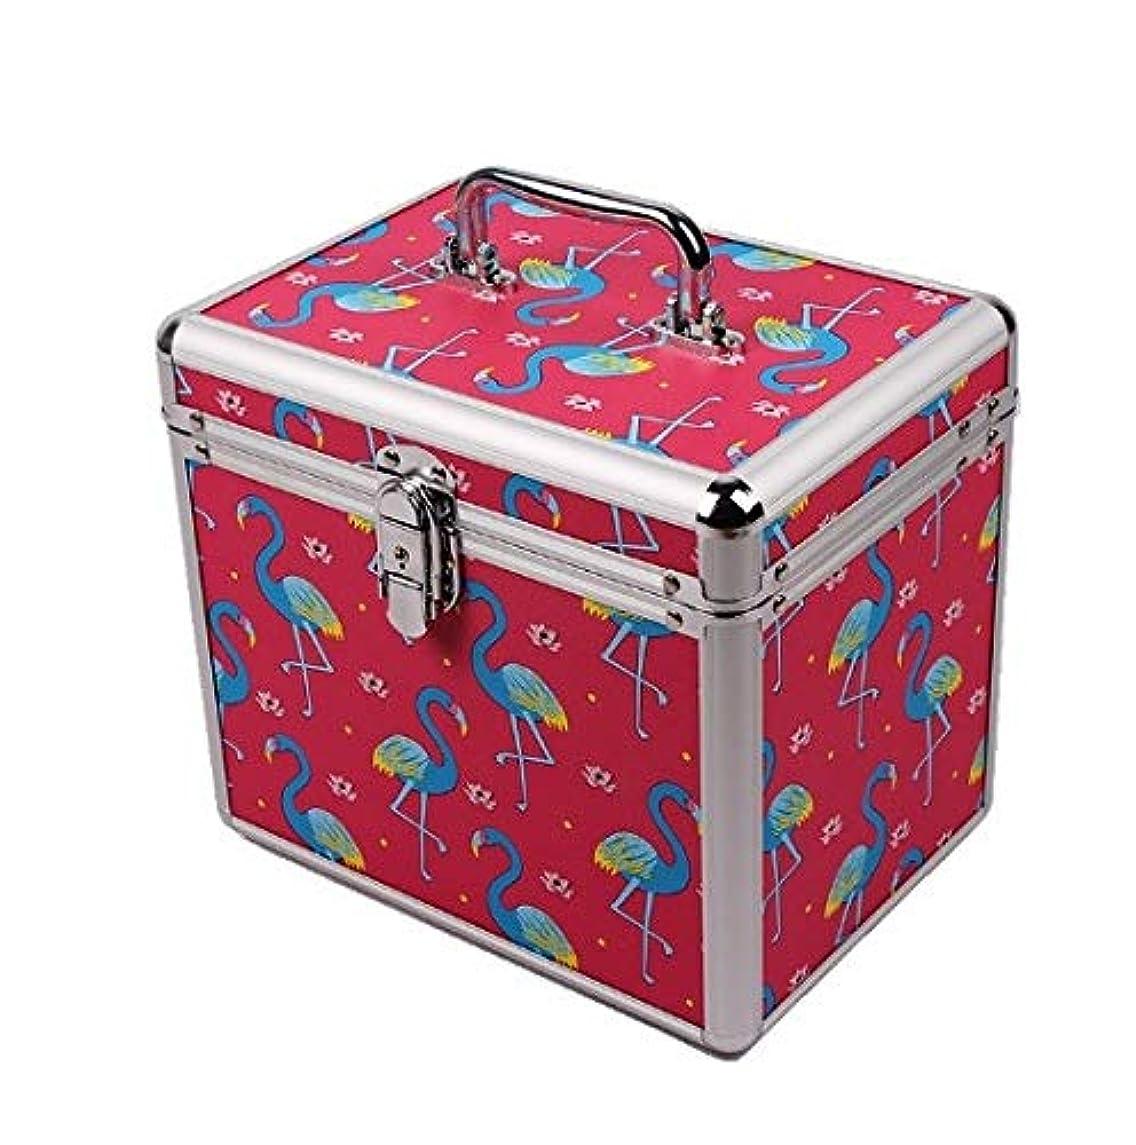 余韻家禽回想化粧品ケース、ポータブル二重層ロックフットバス技術者ポータブルツールボックス、ポータブル旅行化粧品ケース、美容ネイルジュエリー収納ボックス (Design : 1#)